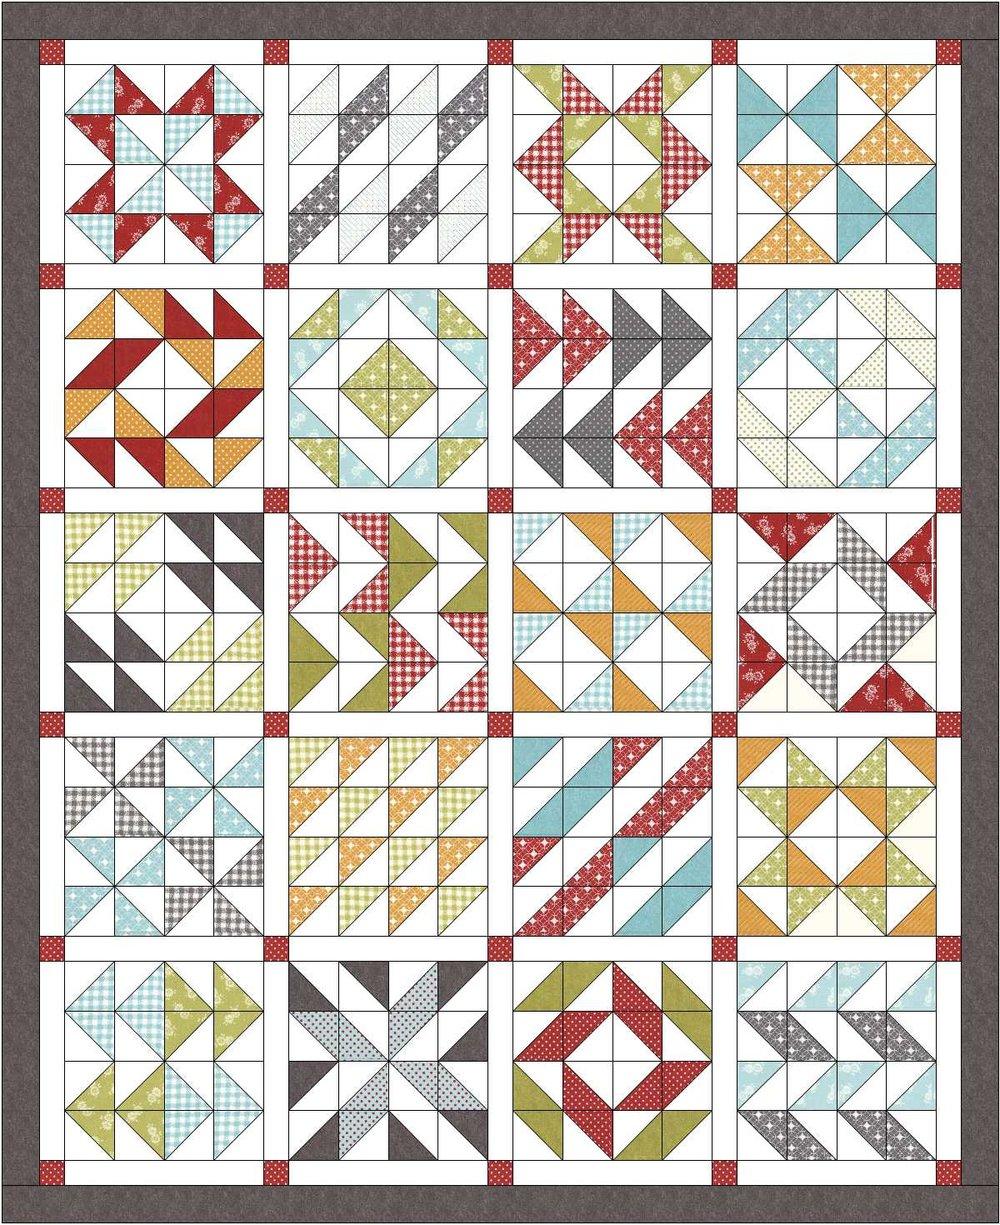 layer-cake-sampler-quilt1 (1).jpg